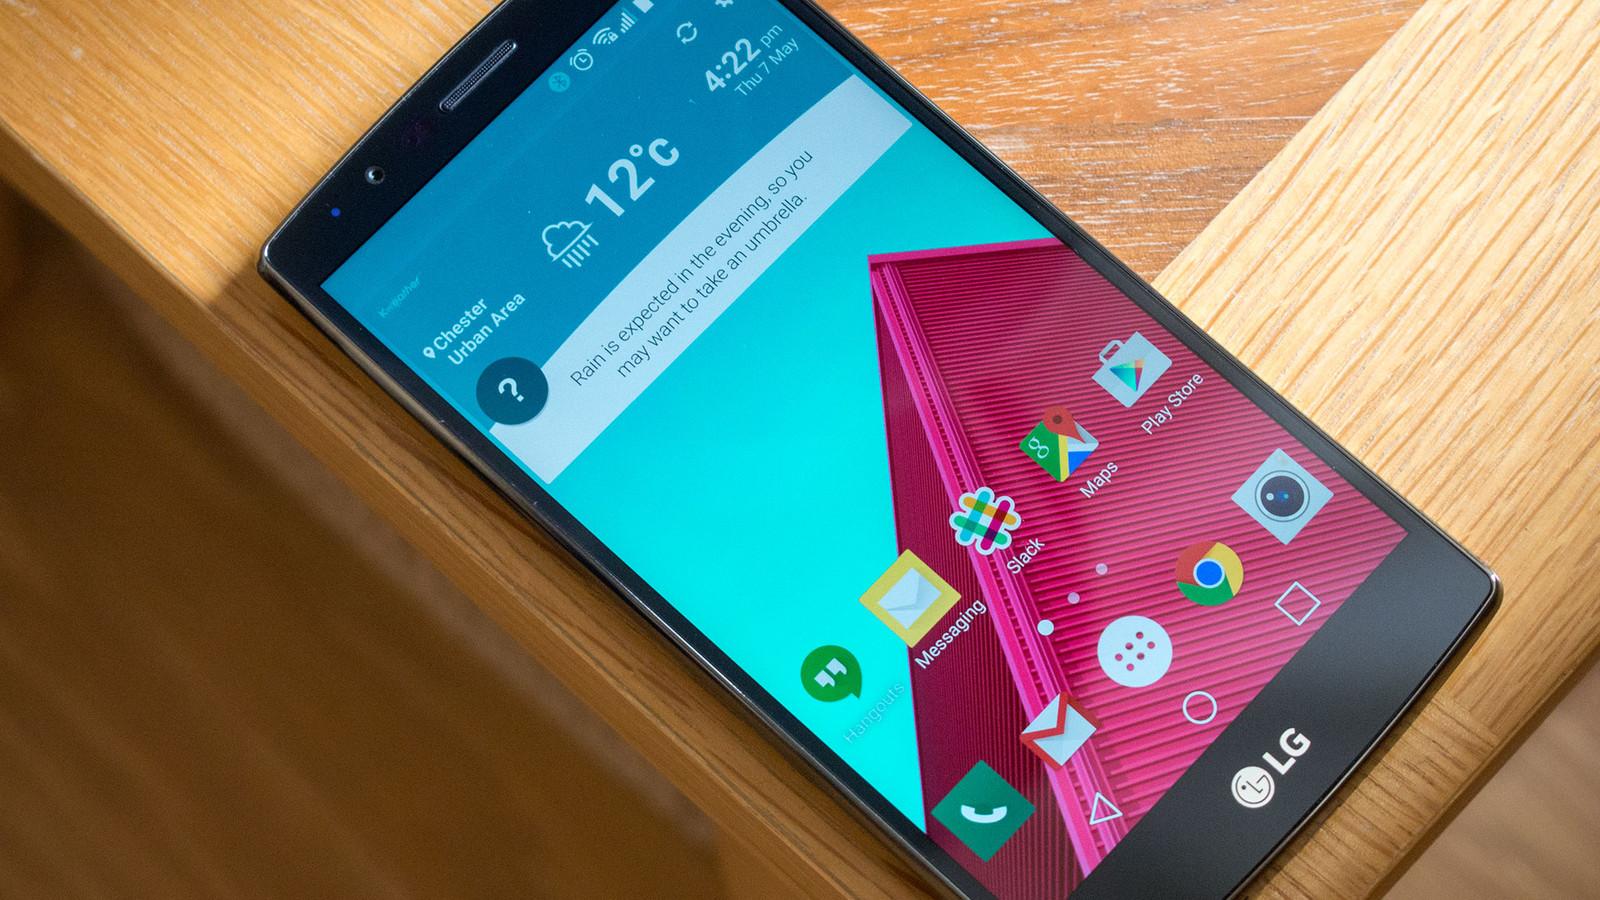 LG G4 : début du déploiement d'Android 6.0 Marshmallow en Europe